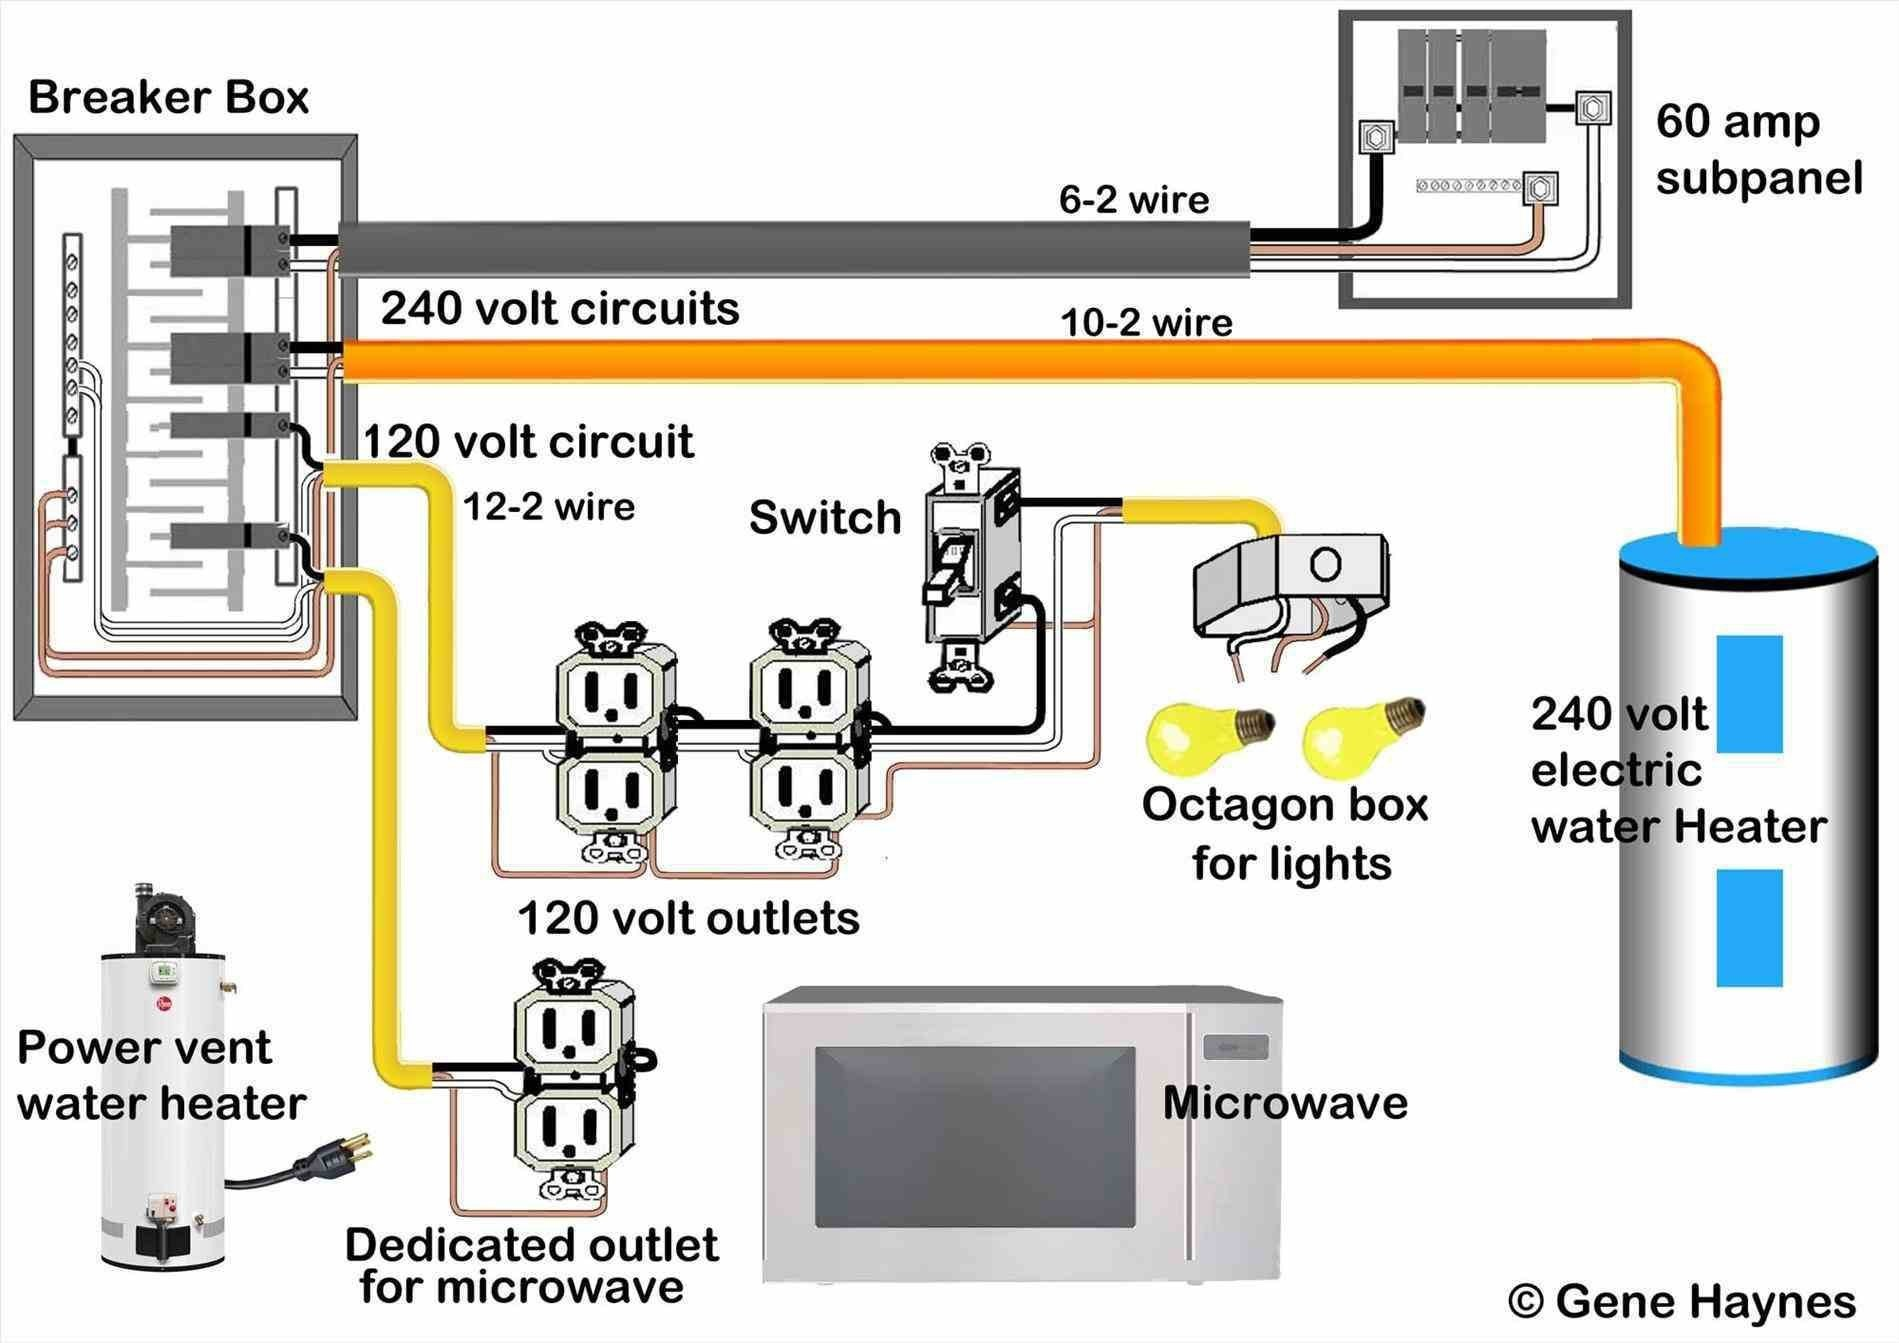 Tremendous House Receptacle Wiring Diagram Basic Electronics Wiring Diagram Wiring Cloud Xempagosophoxytasticioscodnessplanboapumohammedshrineorg